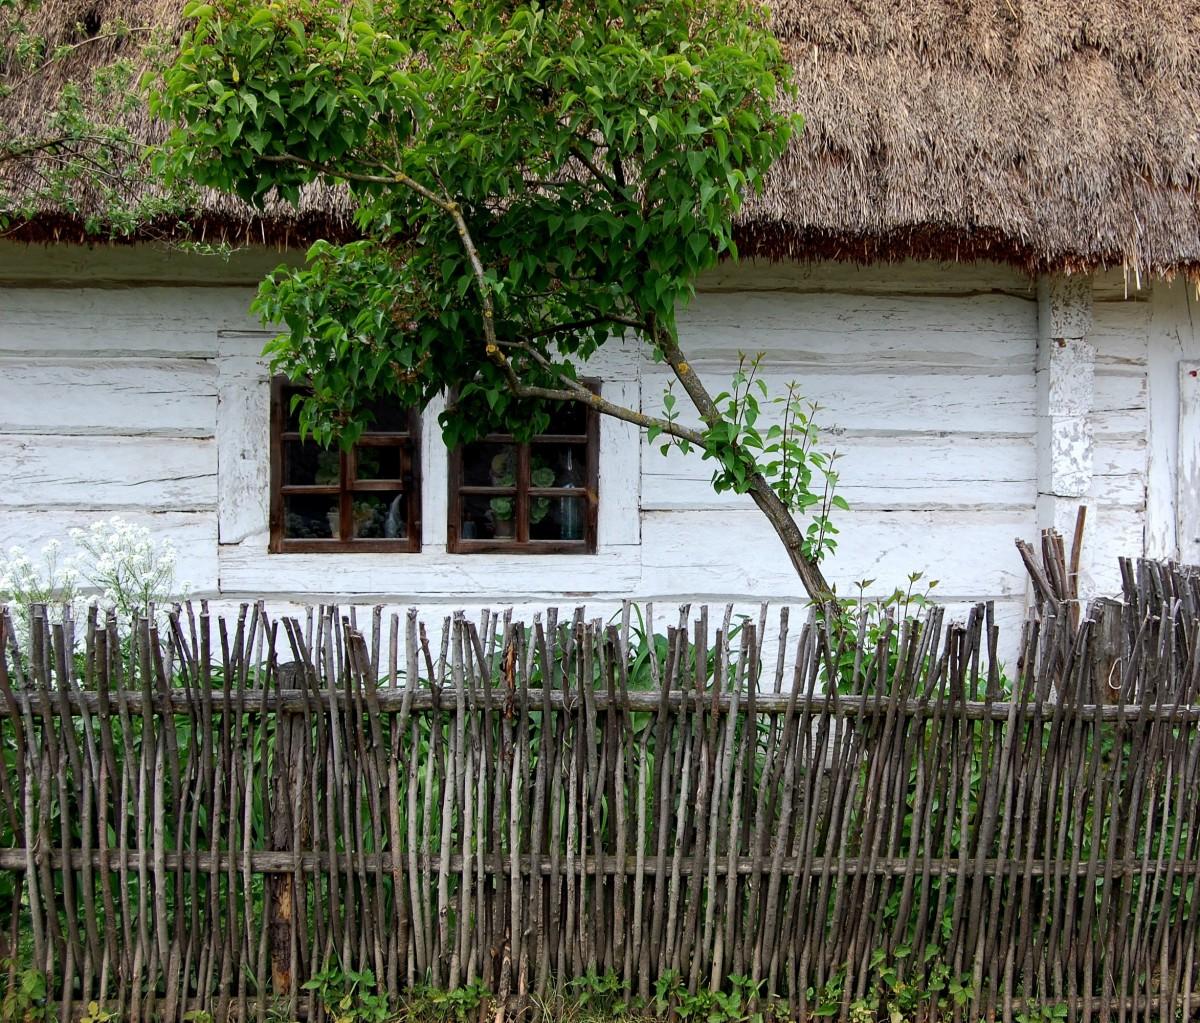 Gratis afbeeldingen farm dorp landbouw houten huis landelijk gebied oud huisje hut - Verlenging hout oud huis ...